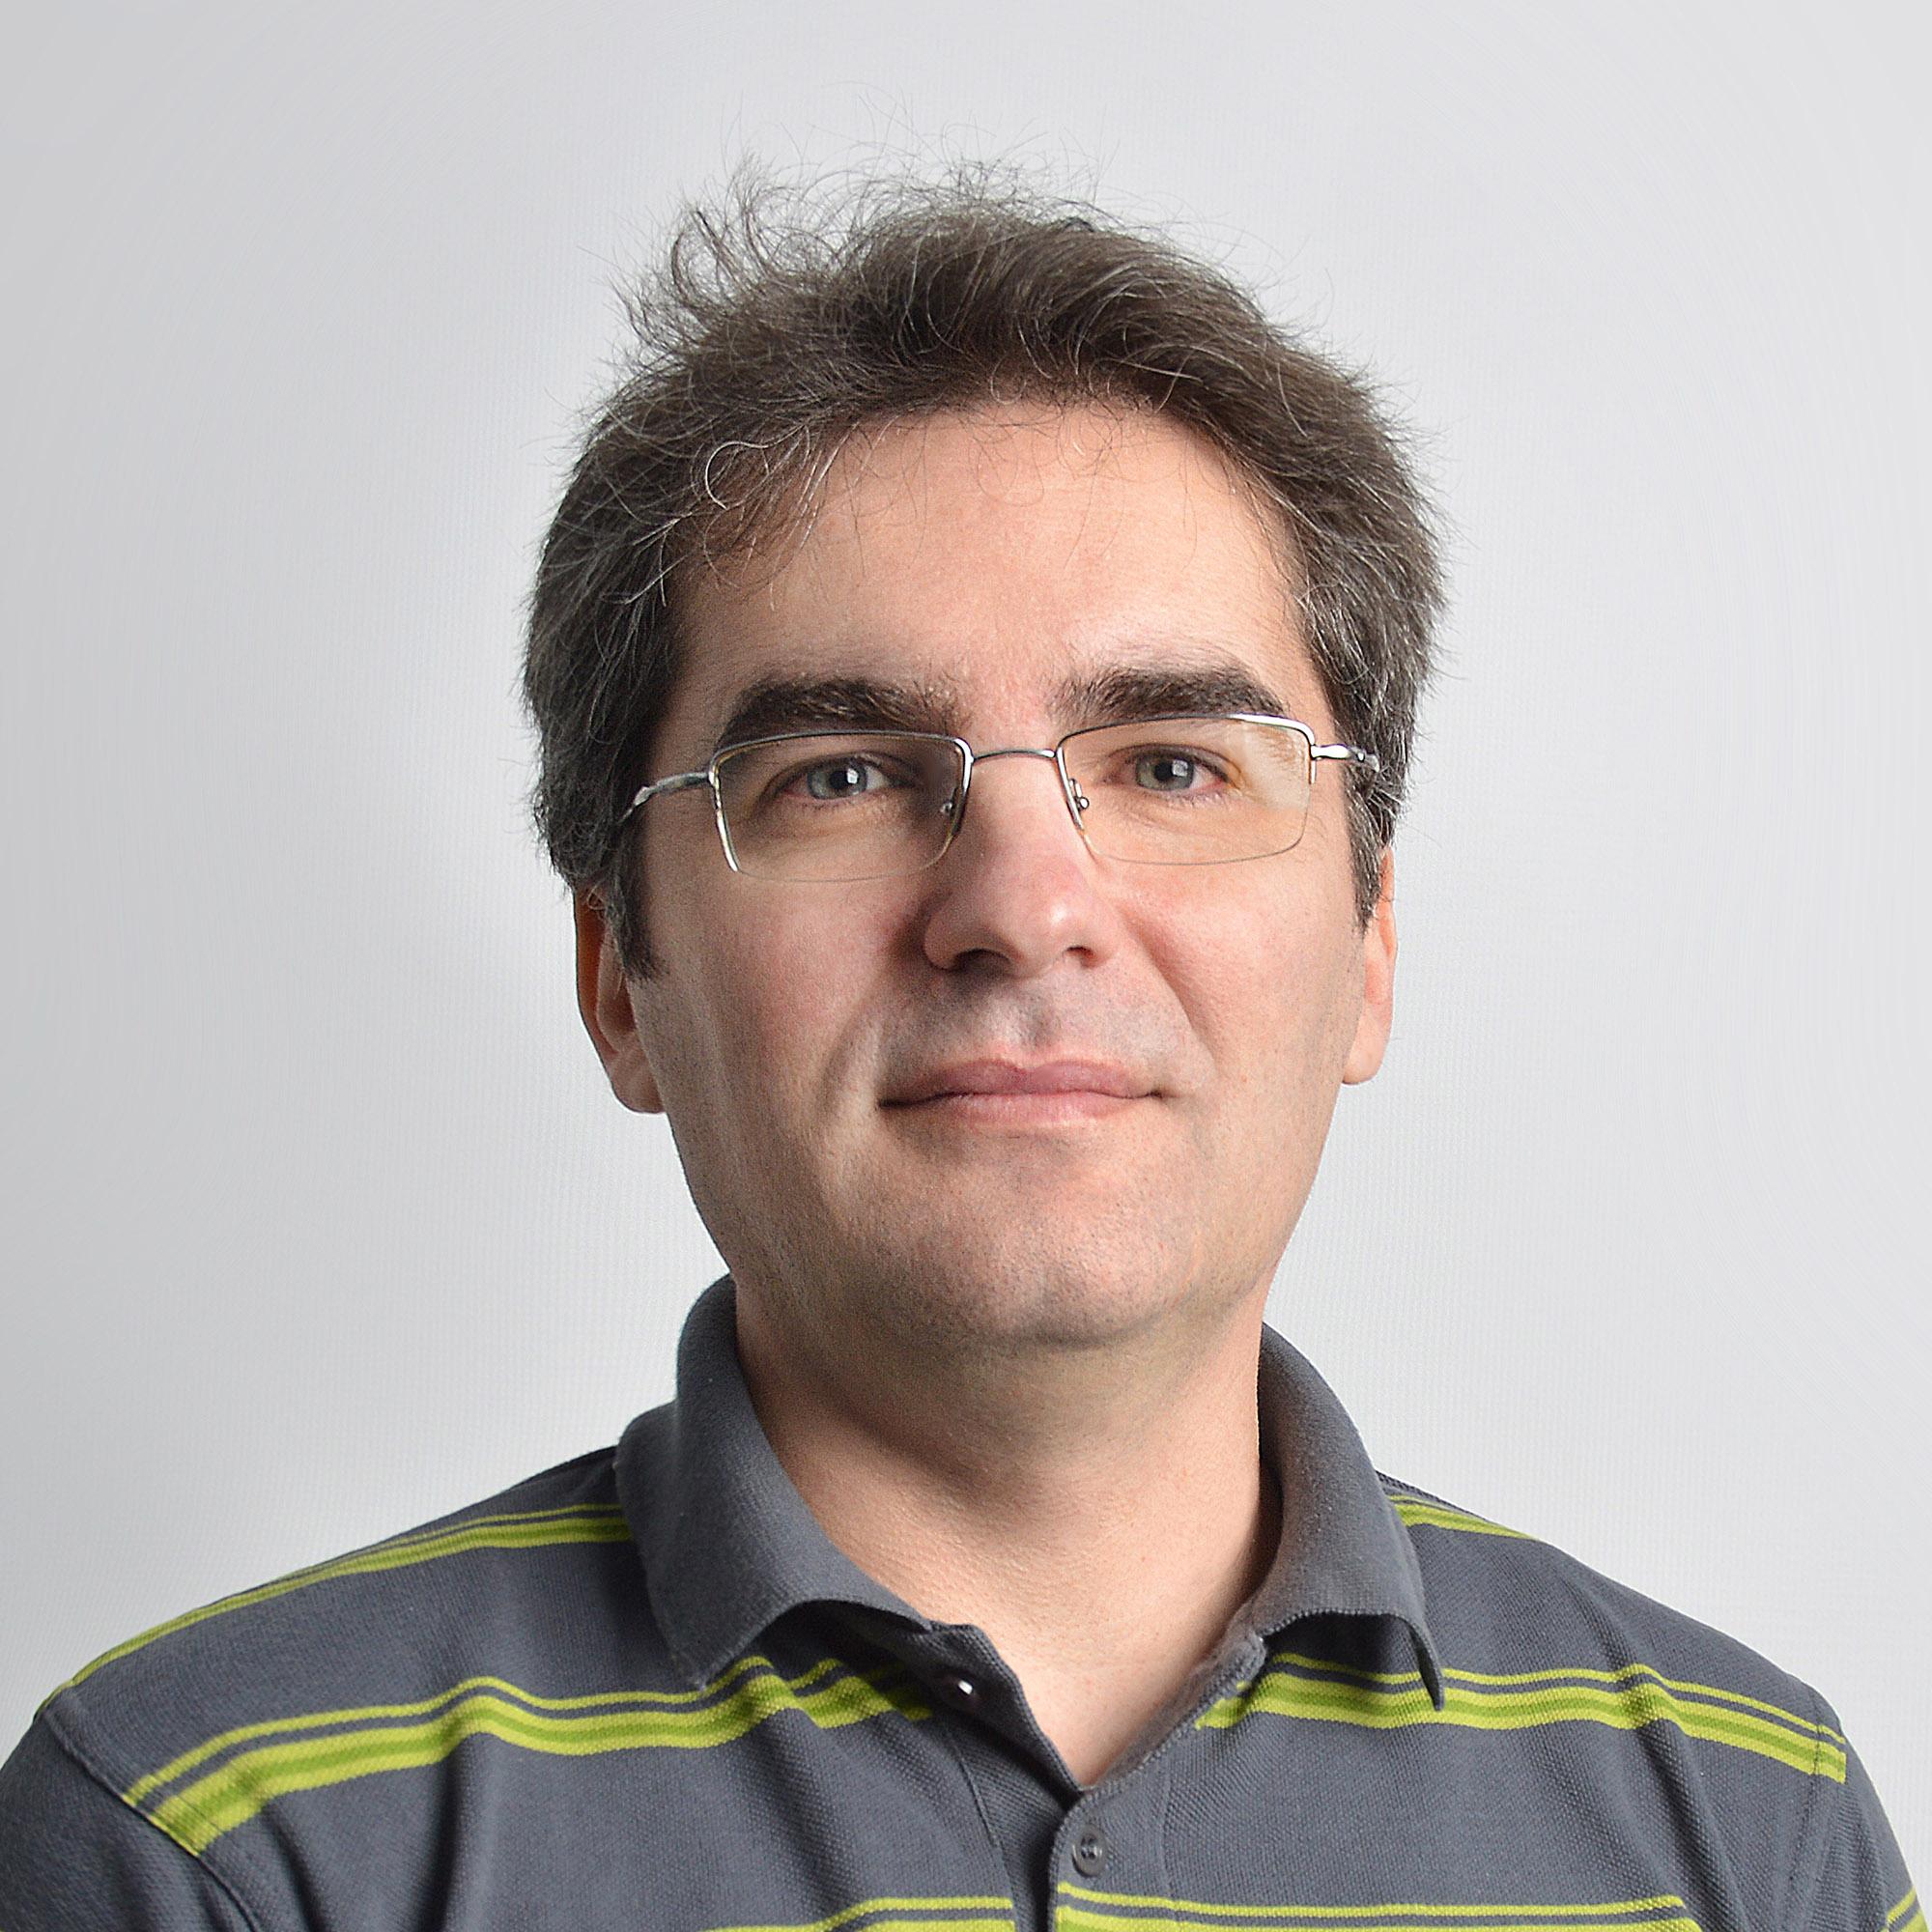 Răzvan ENACHE